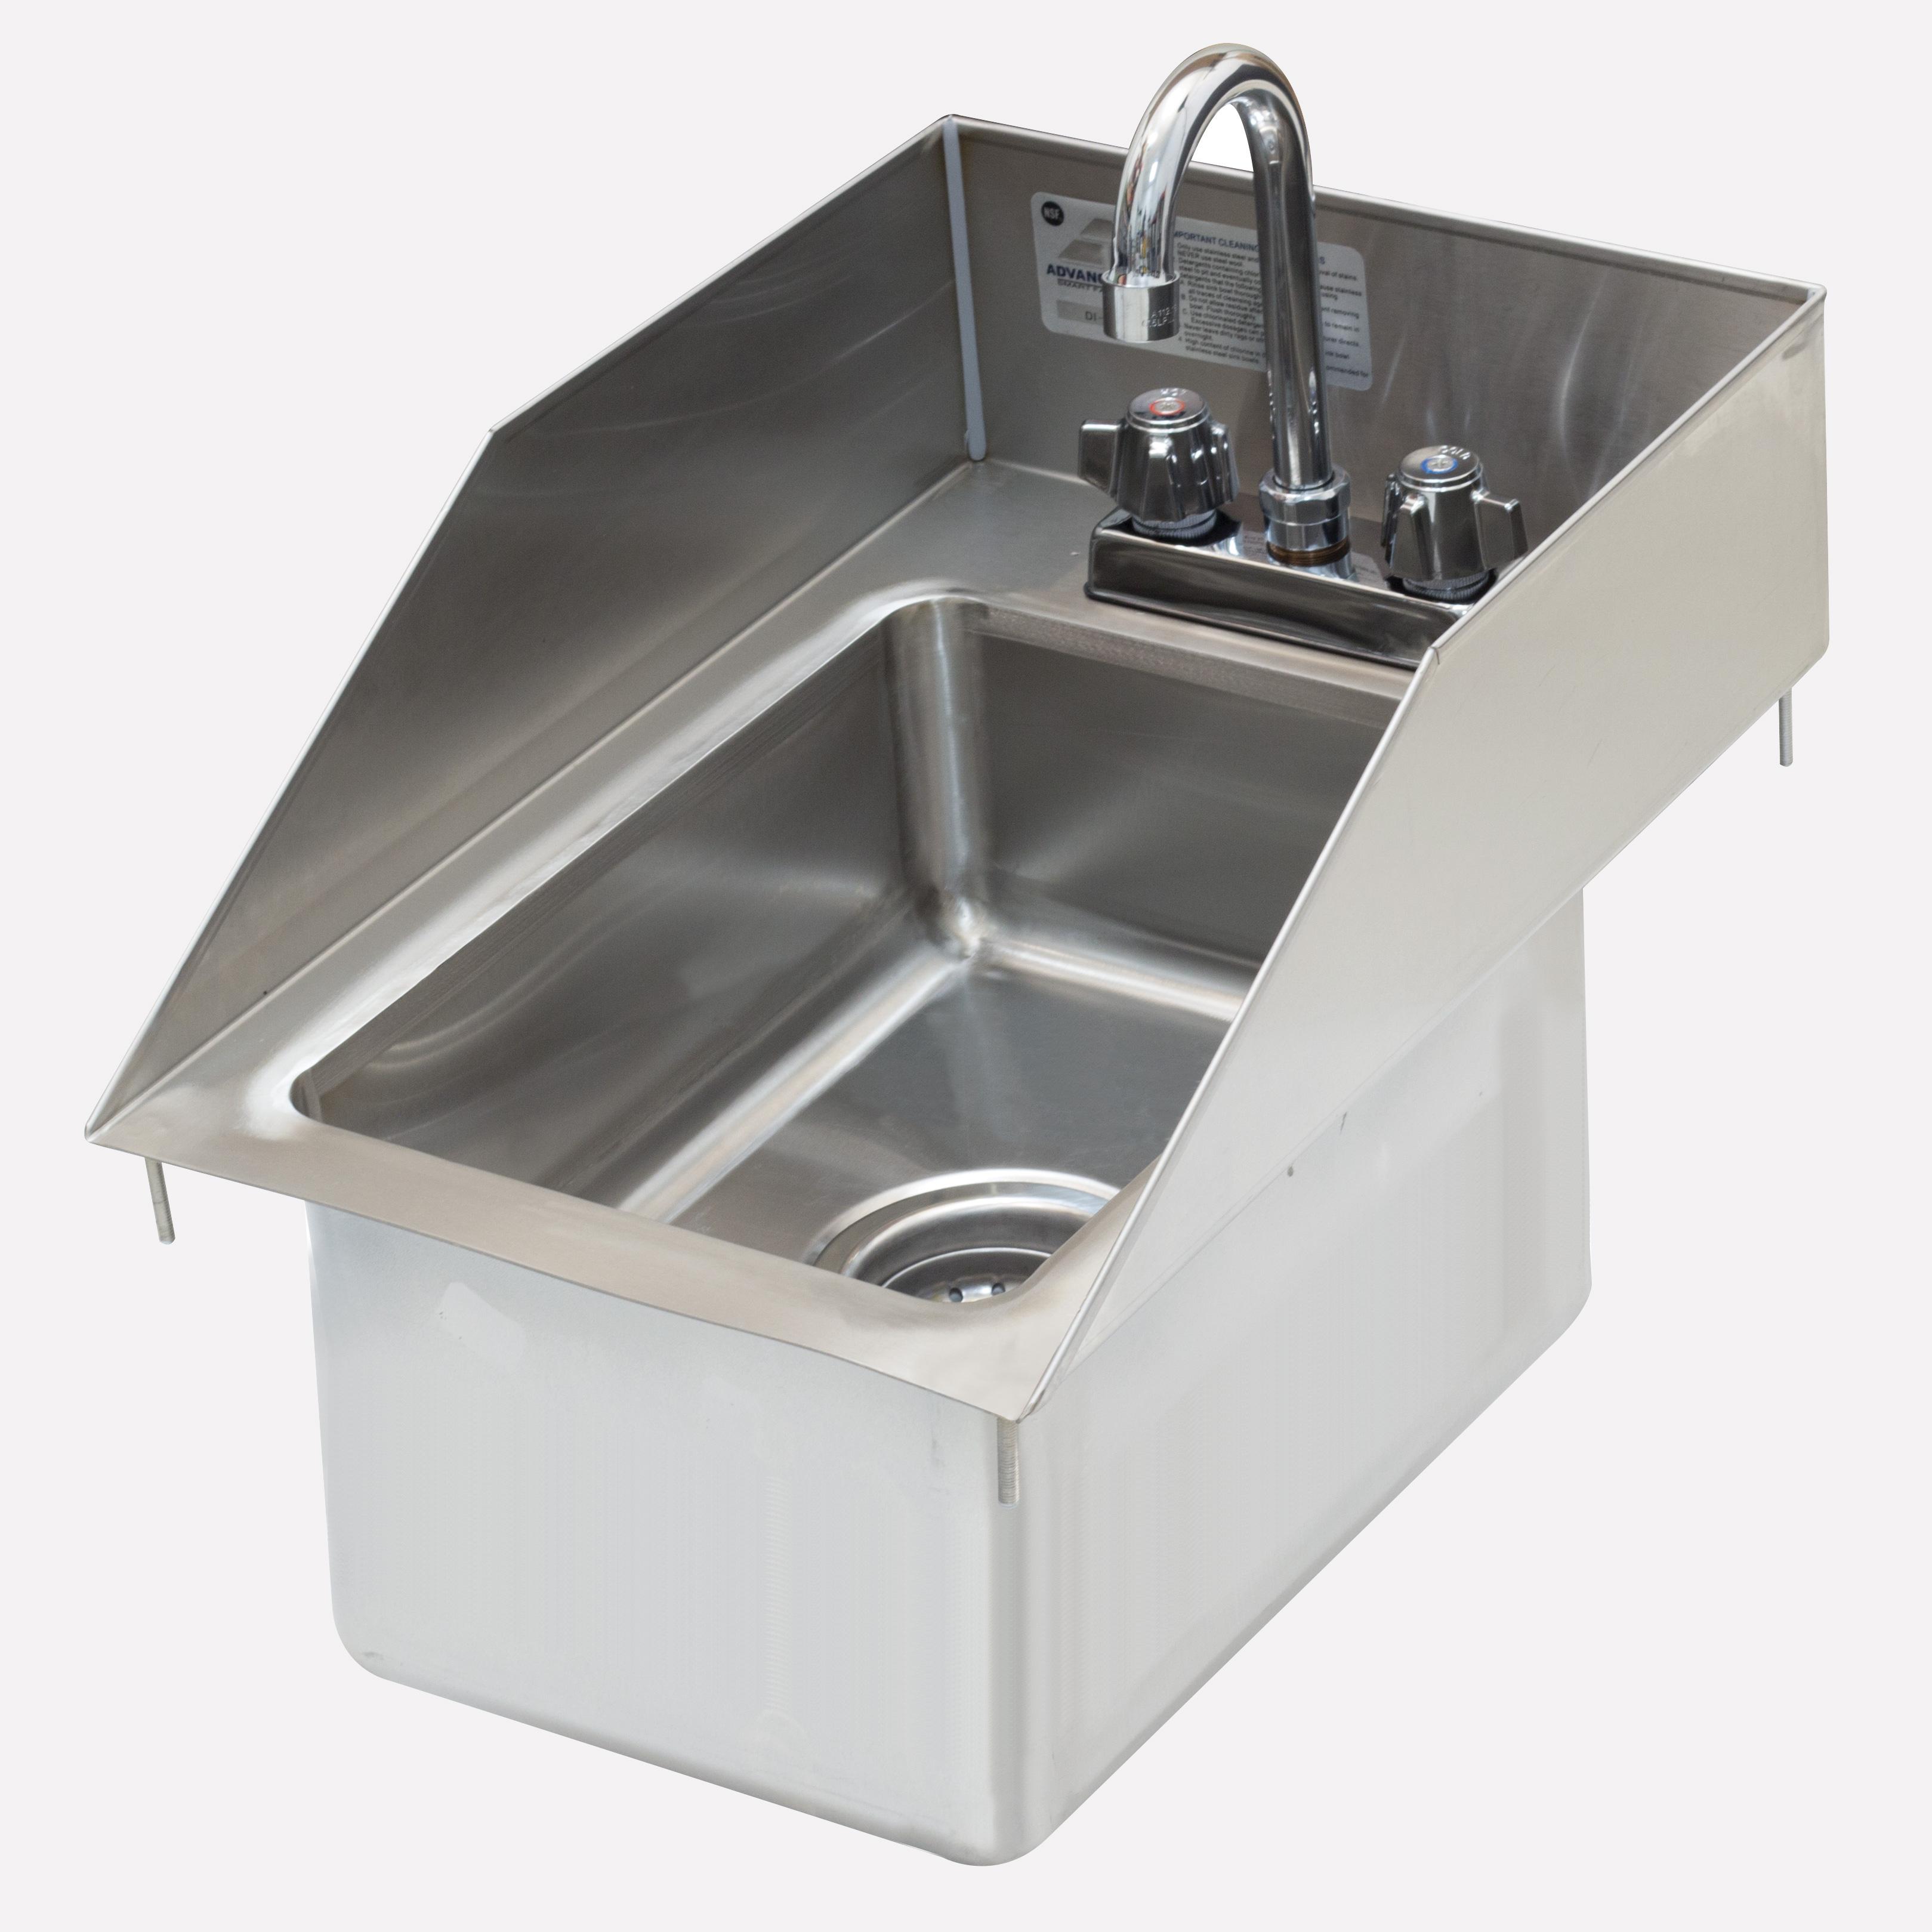 Advance Tabco DI-1-10SP-EC sink, drop-in